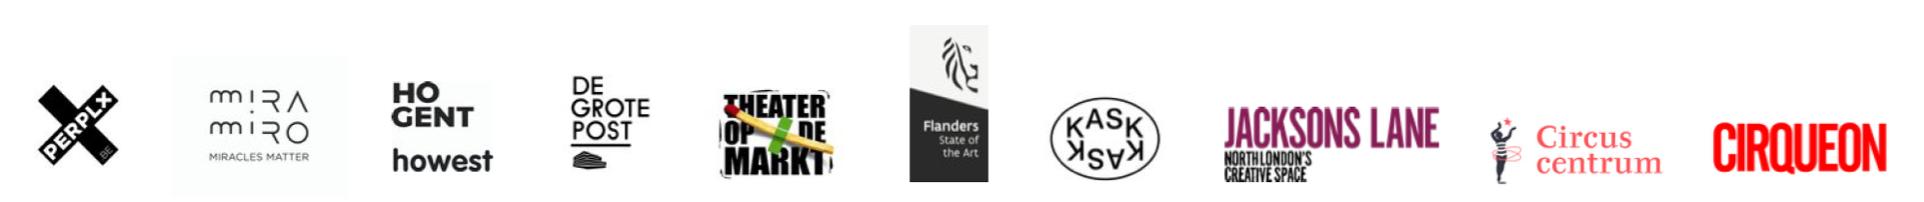 logos line large.jpg